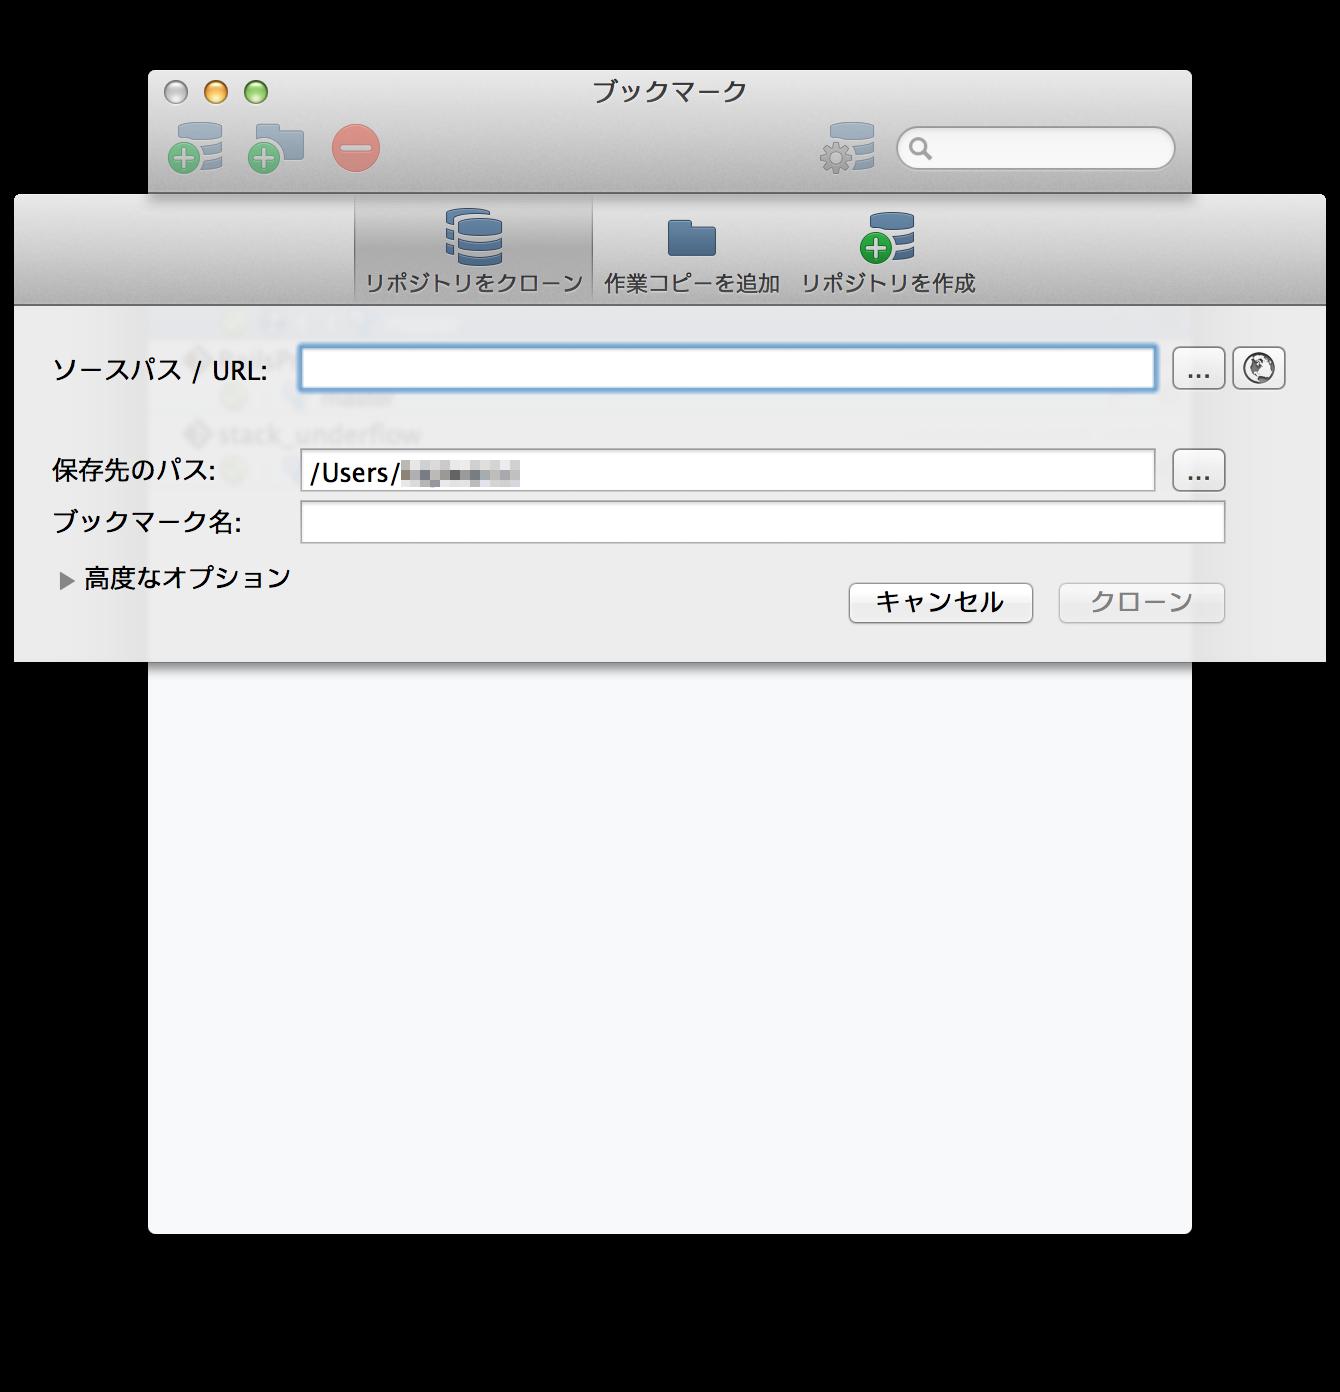 スクリーンショット 2014-05-09 16.36.38.png